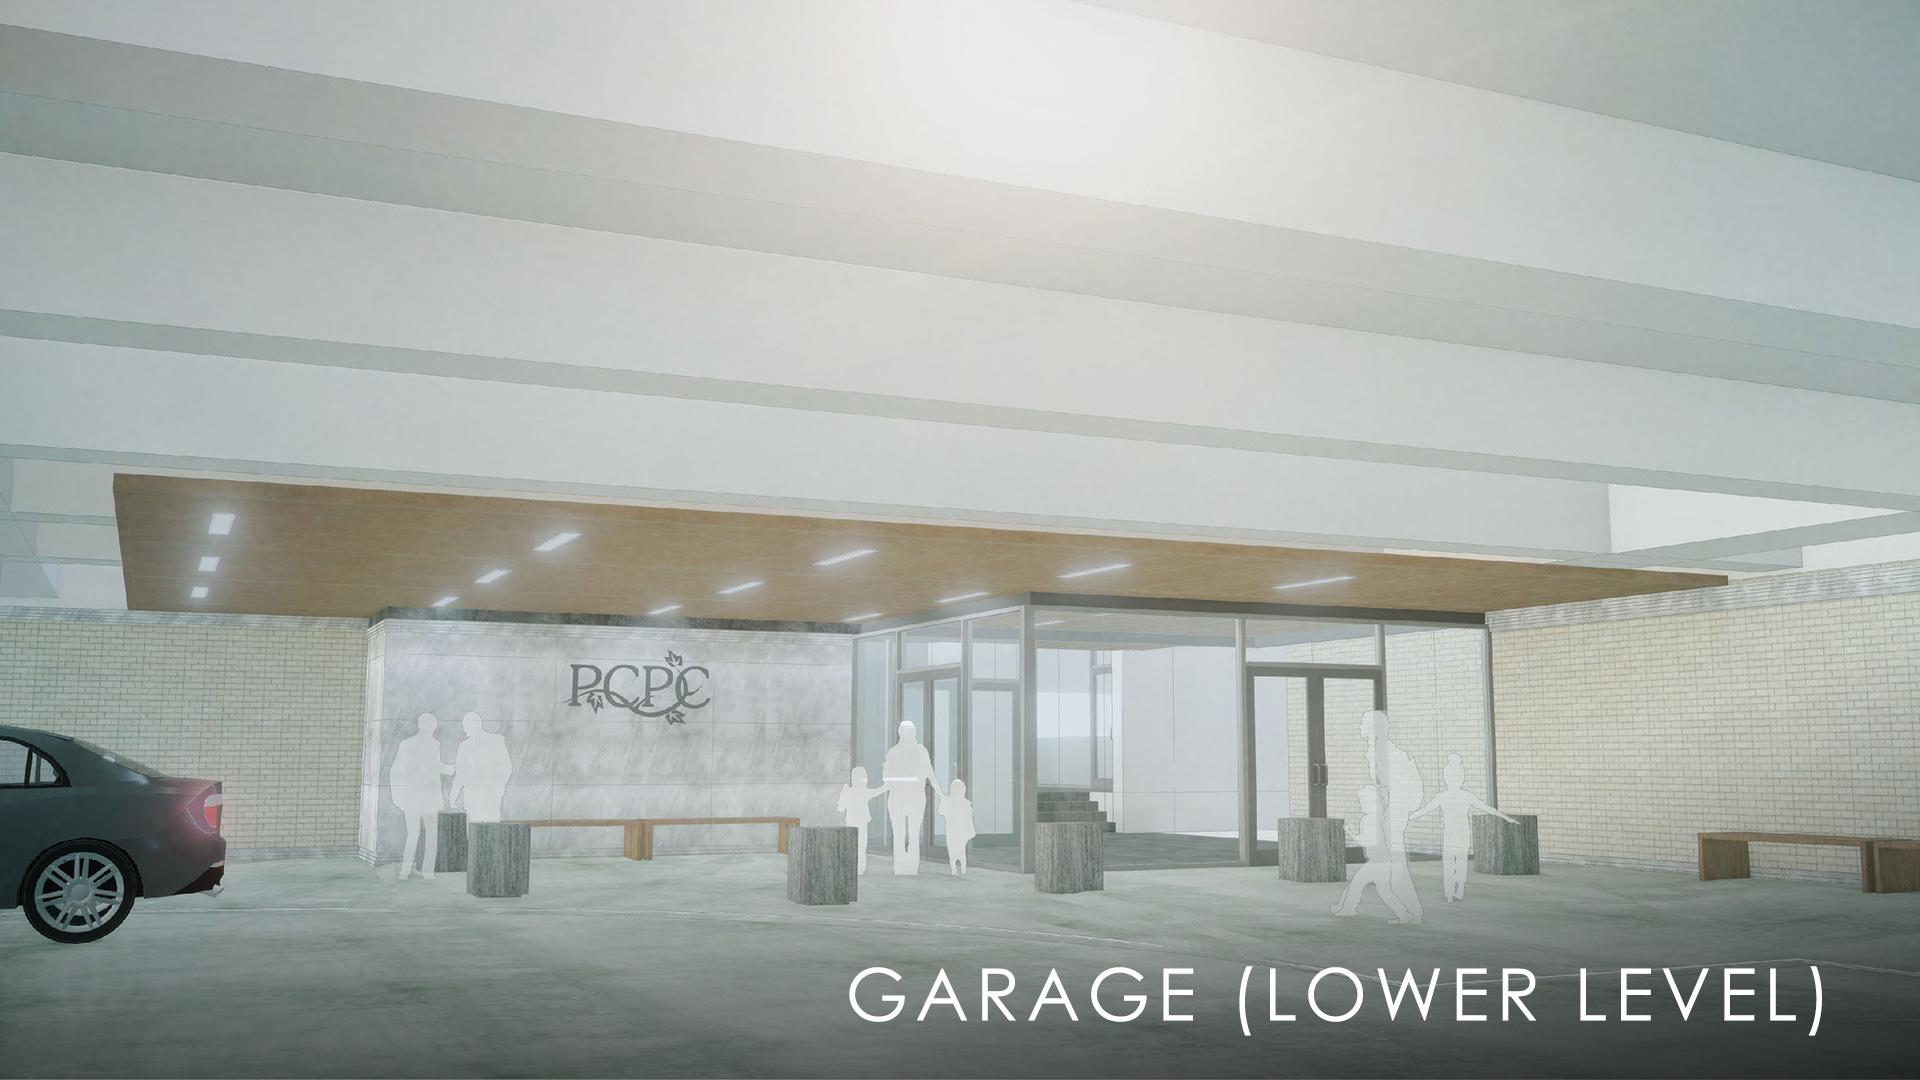 Lower Level Garage